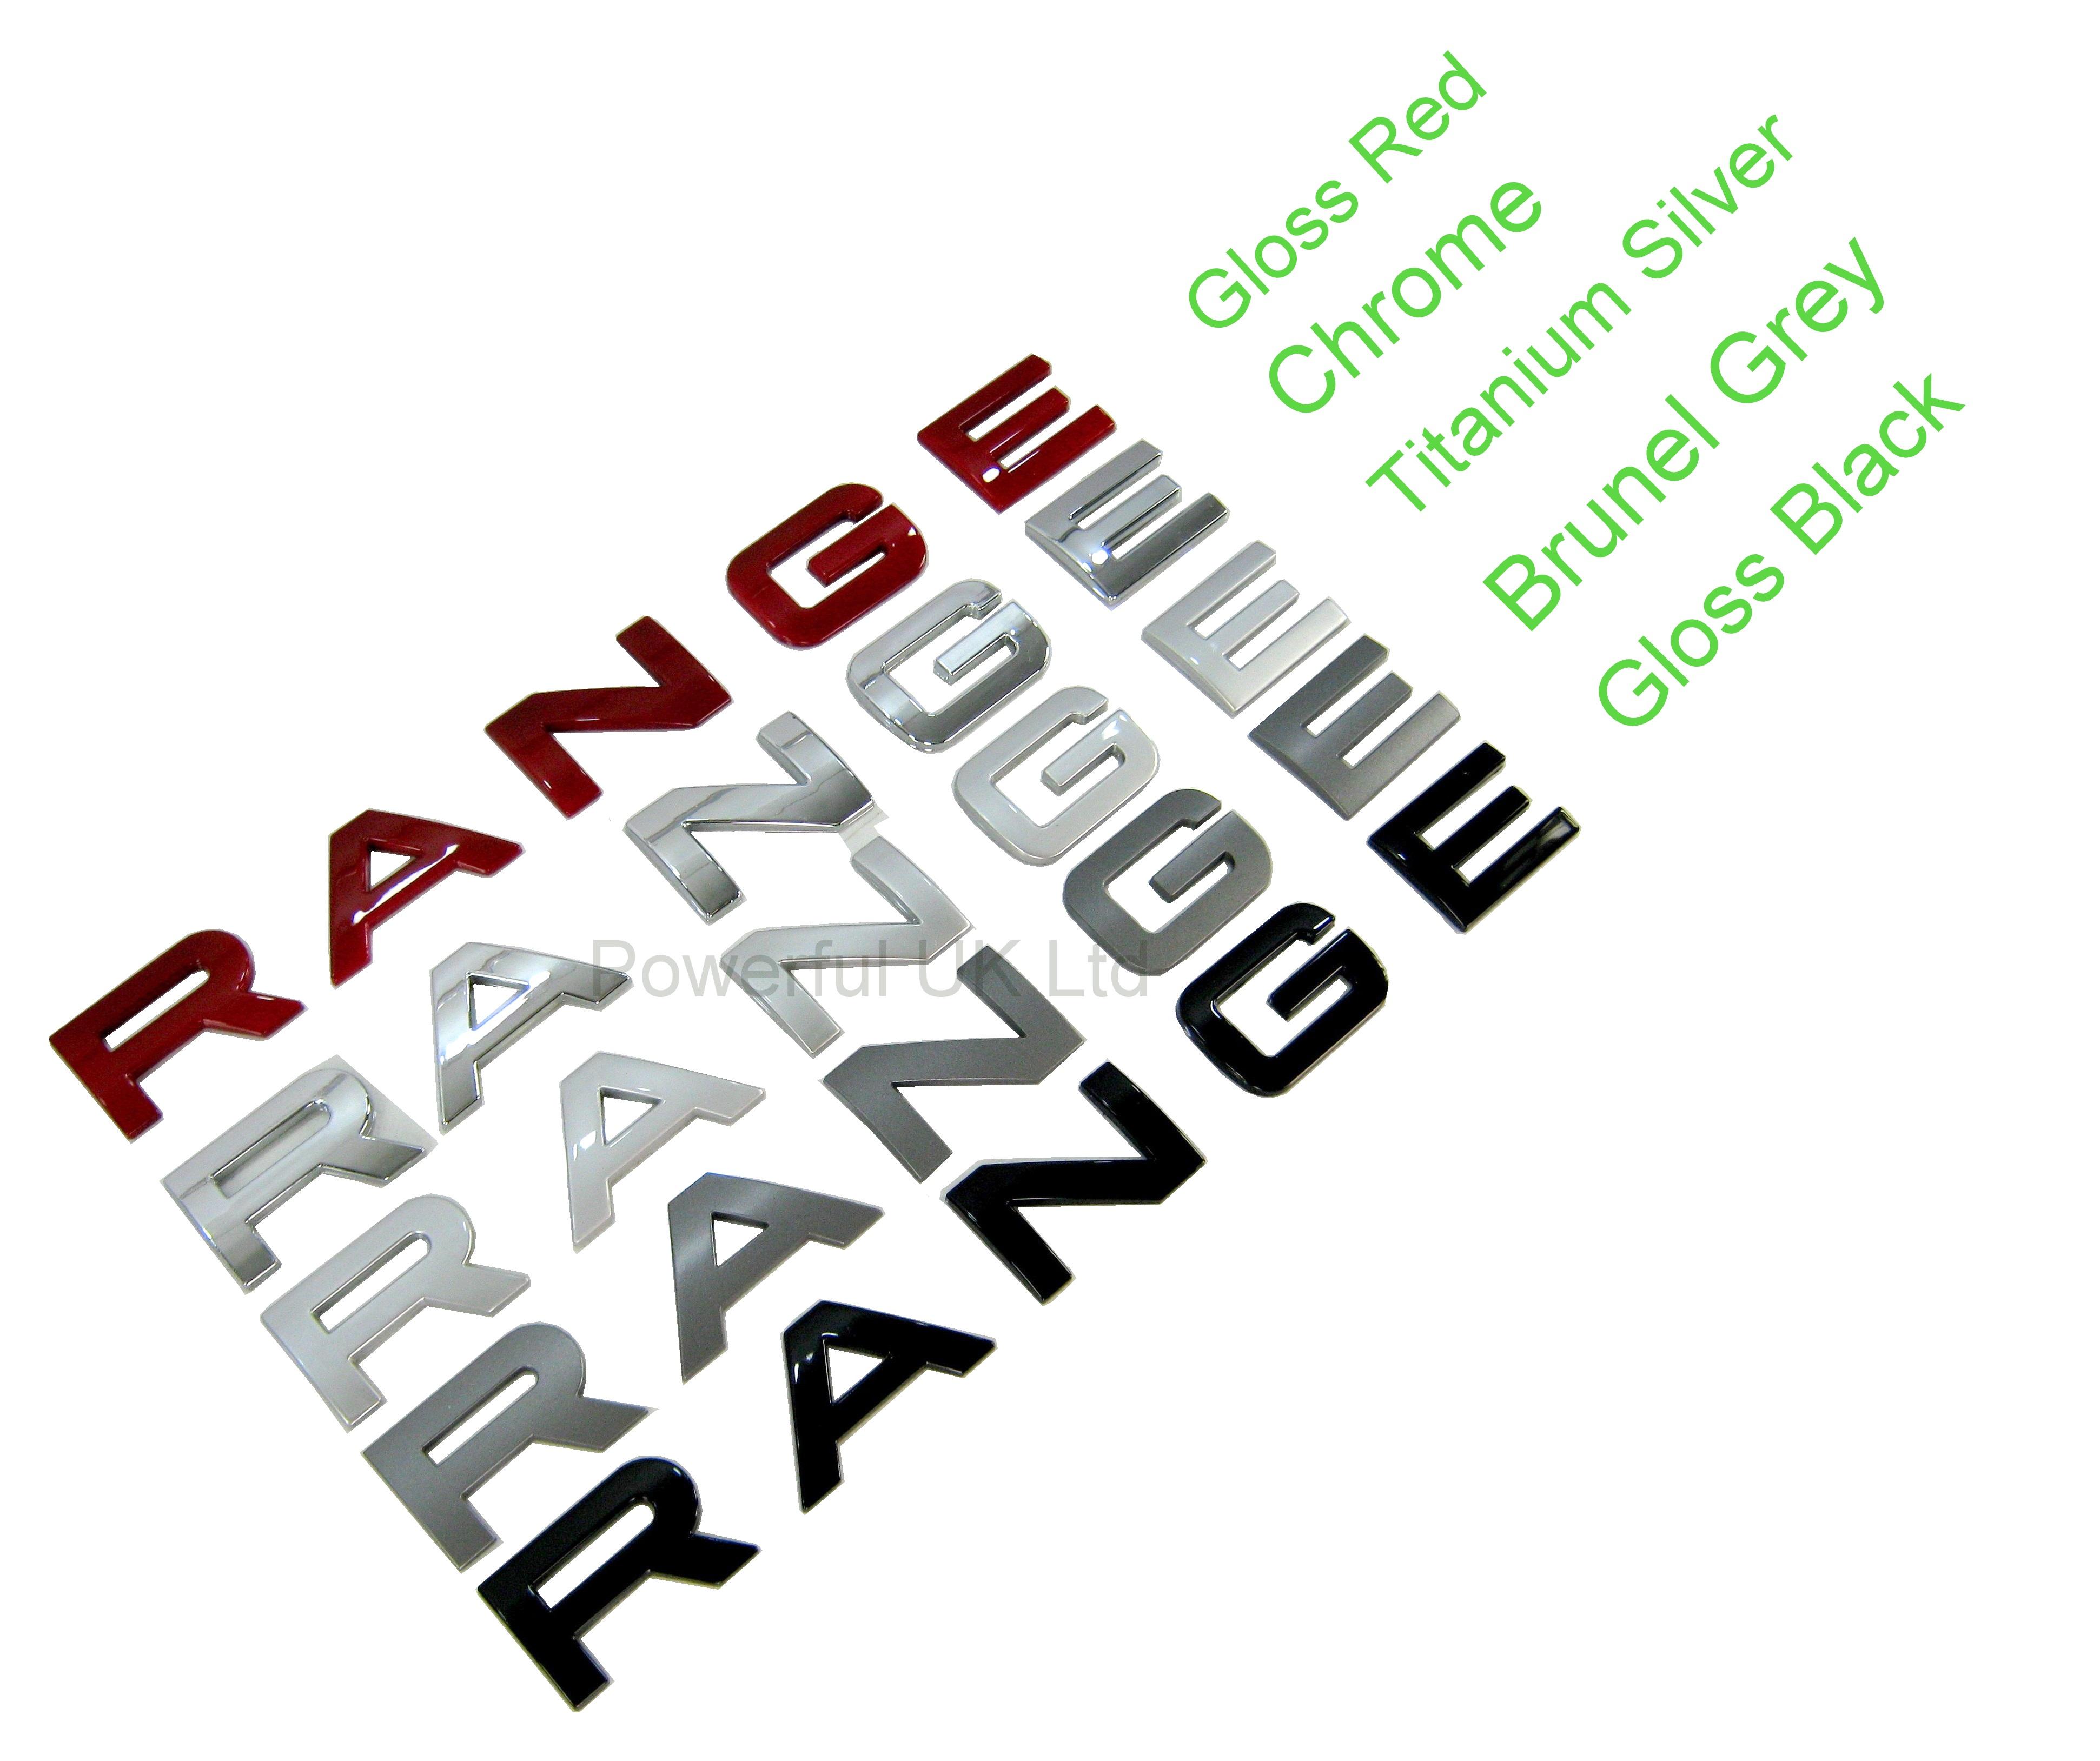 Titanium Silver BONNET LETTERING Range Rover EVOQUE letters font